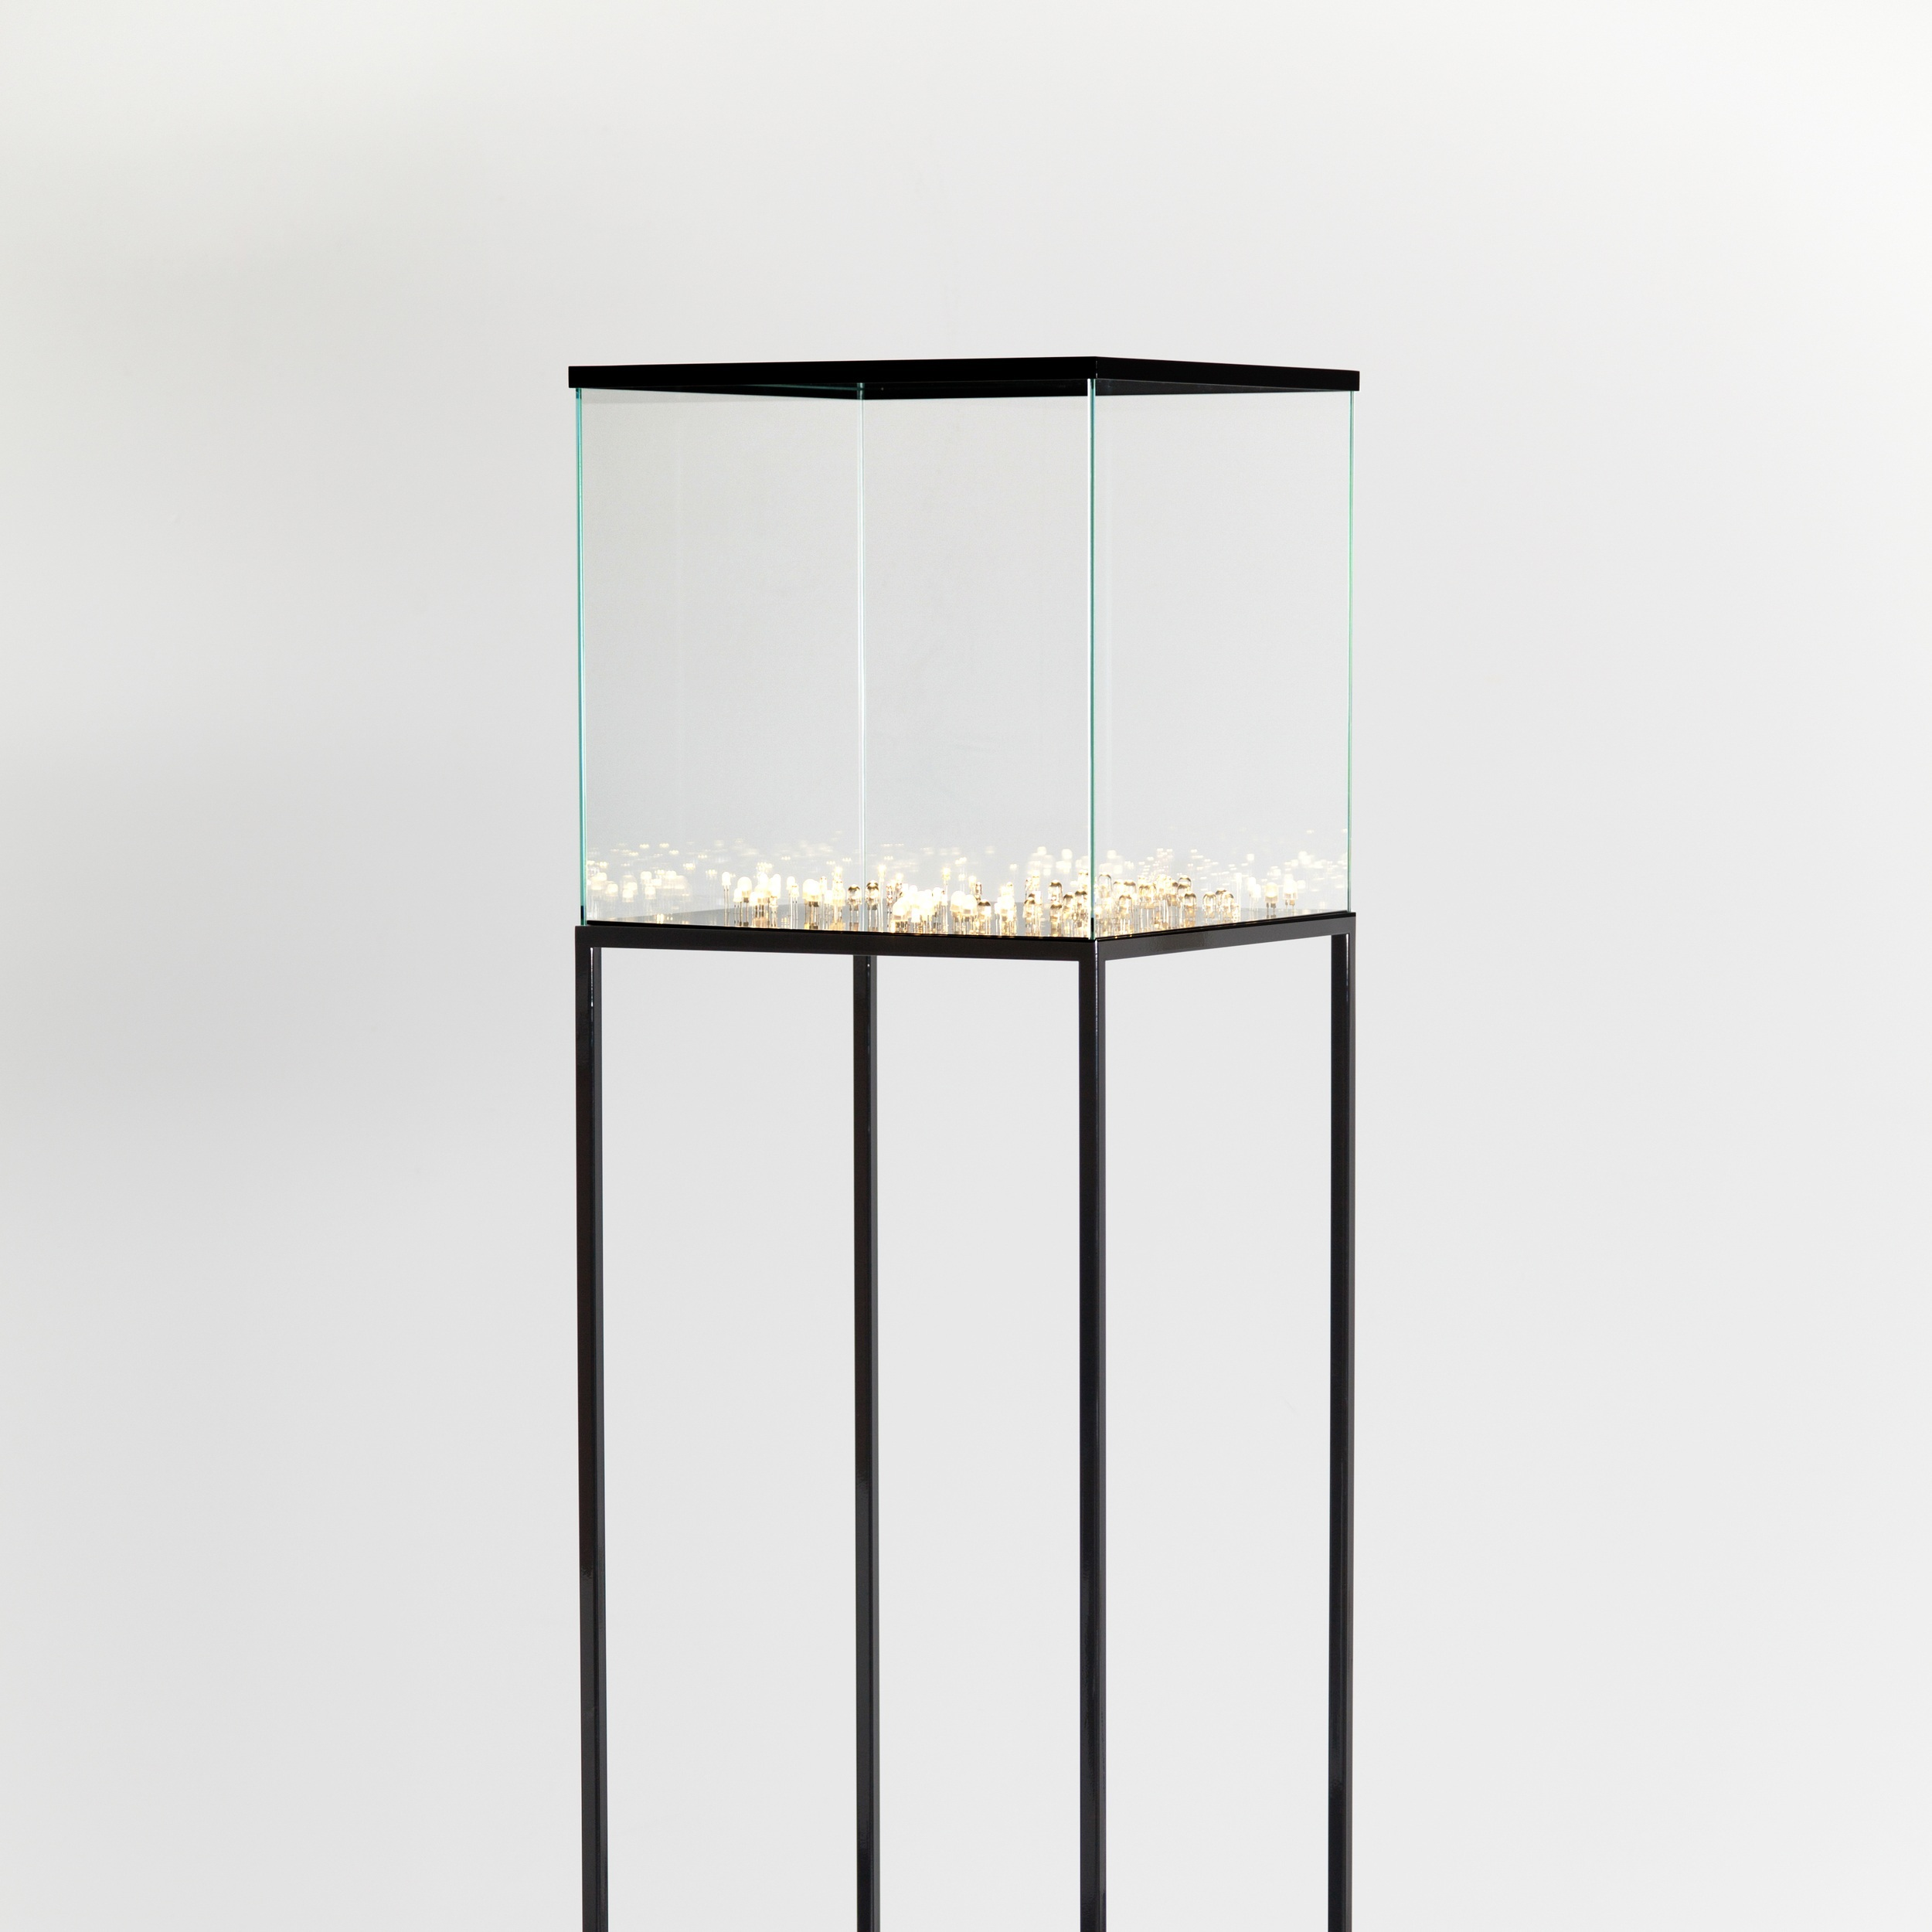 Light Culture, 2013